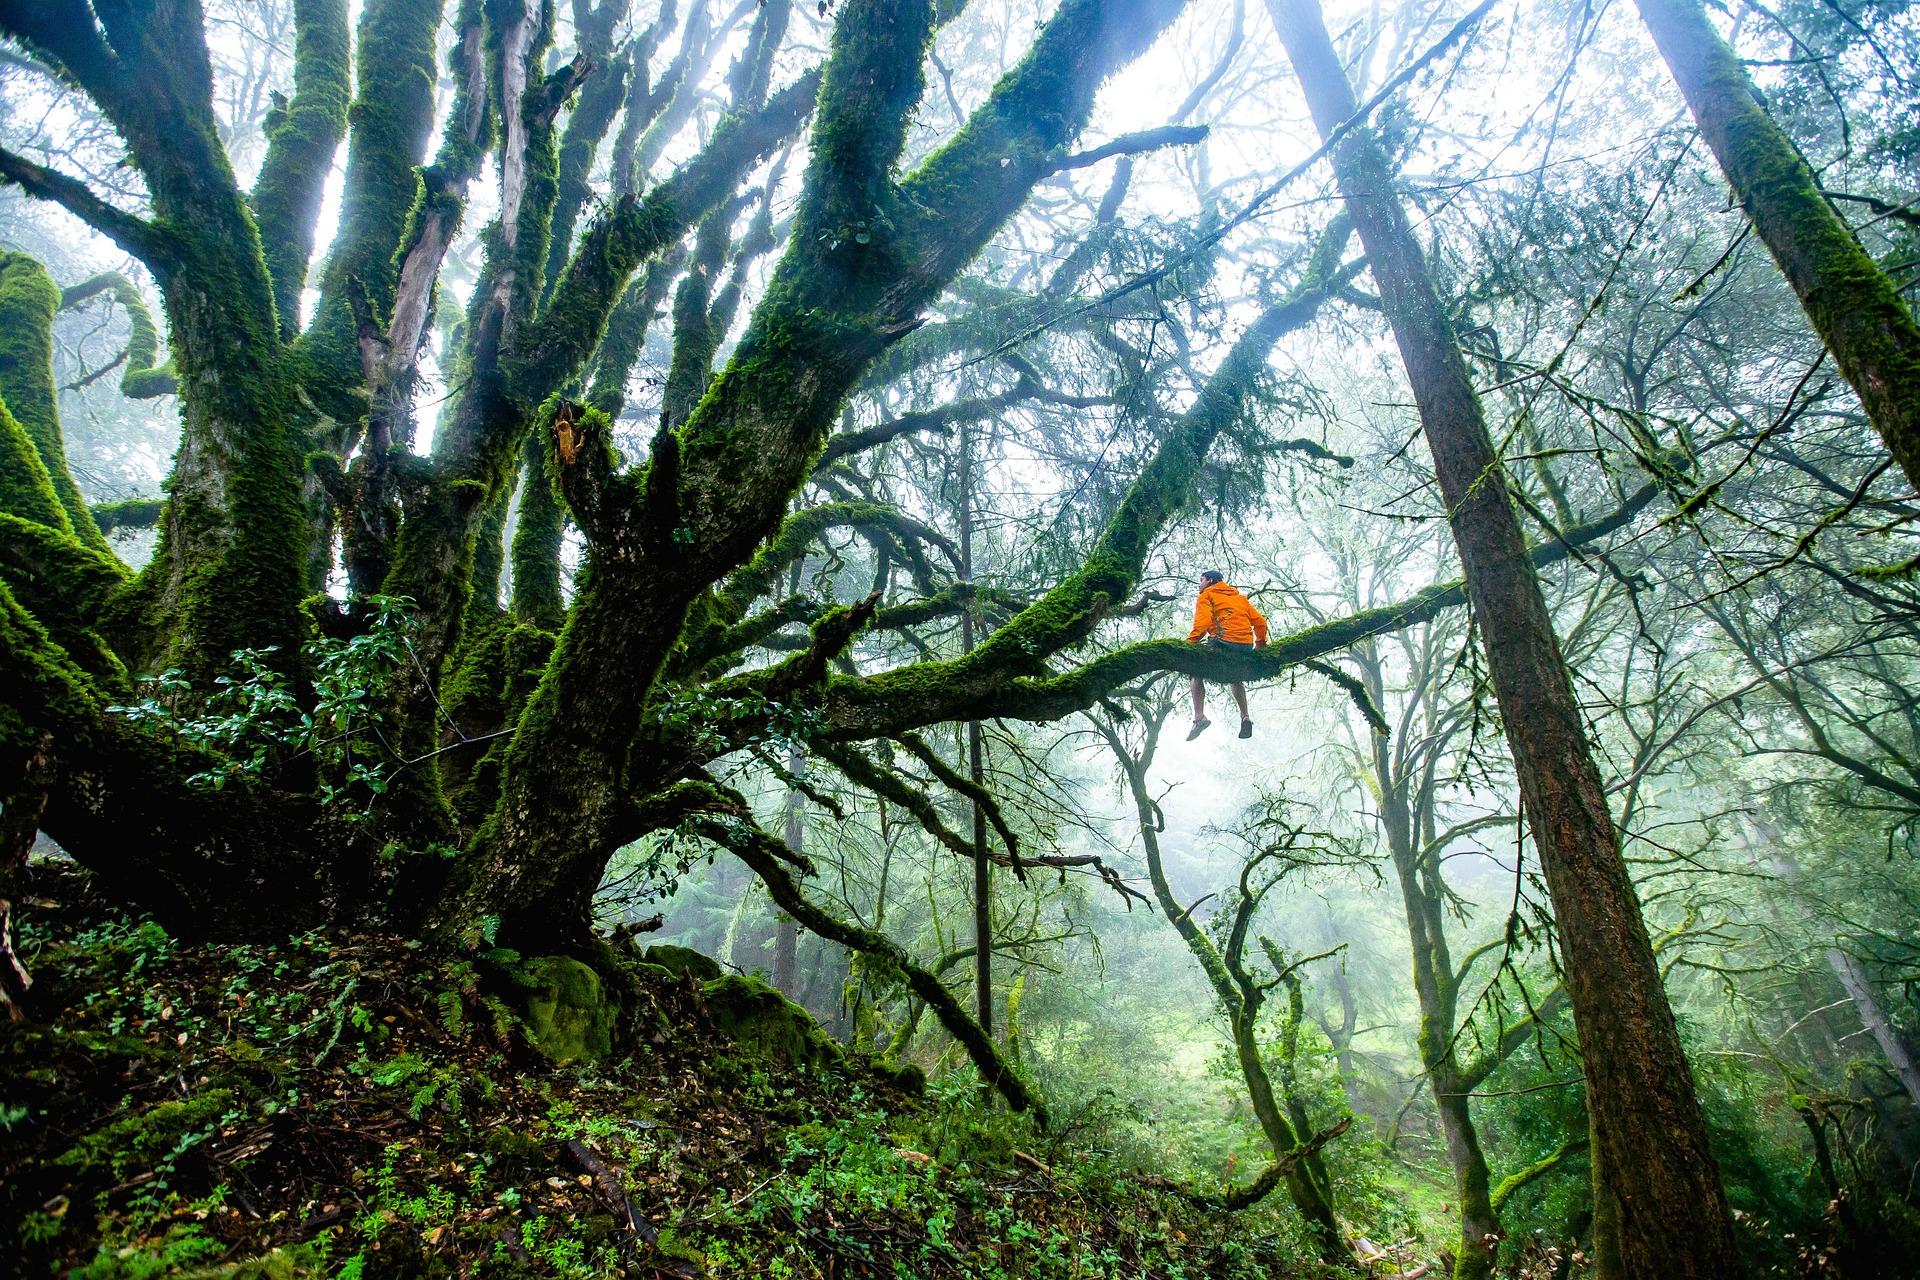 Új stratégiát mutattak be az európai erdők védelmére és helyreállítására